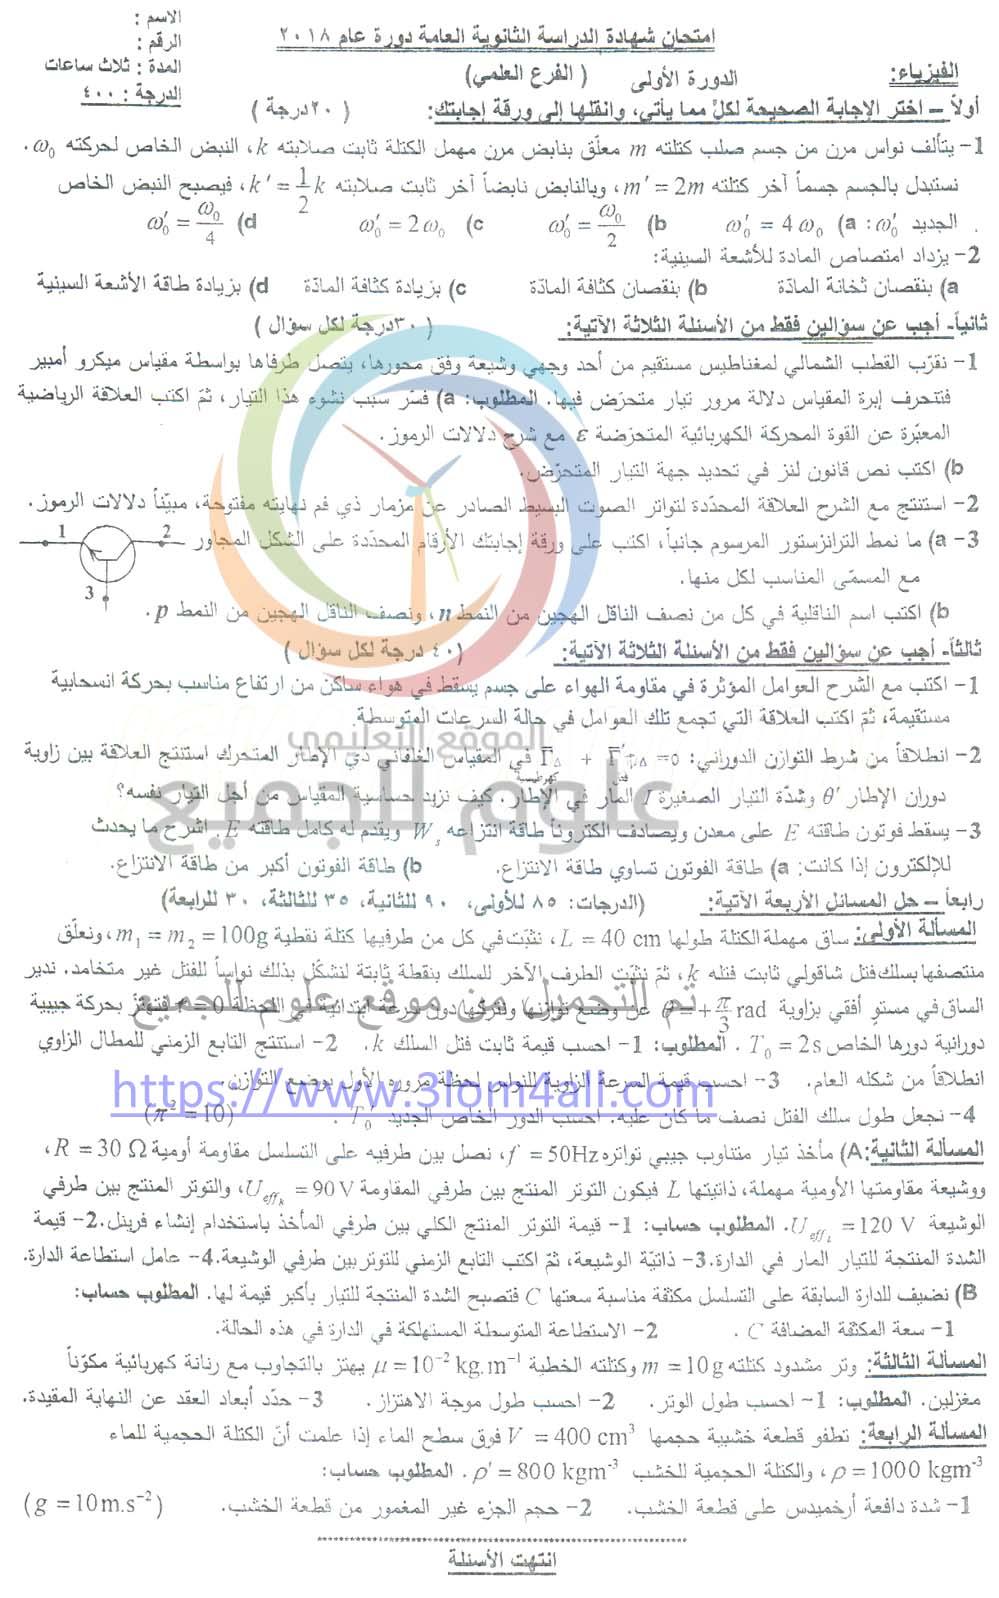 كتب البكالوريا العلمي في سوريا